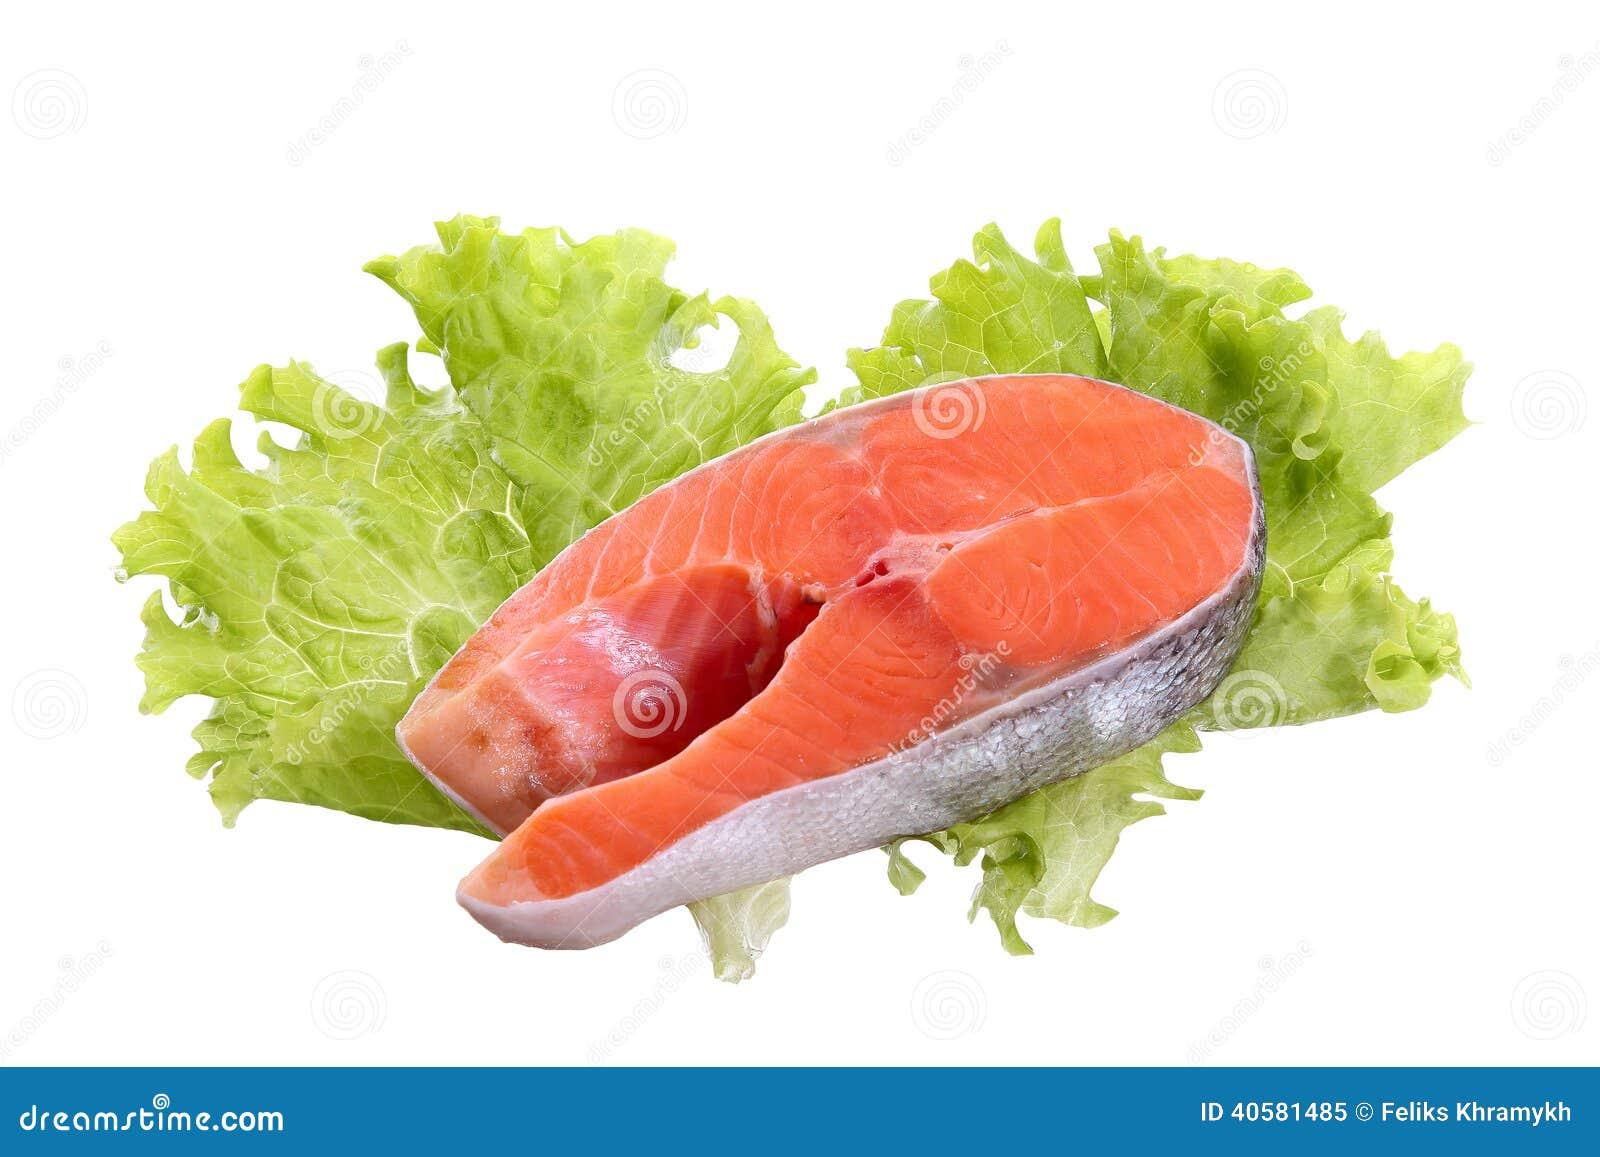 Salmon стейк и салат изолированные на белой предпосылке